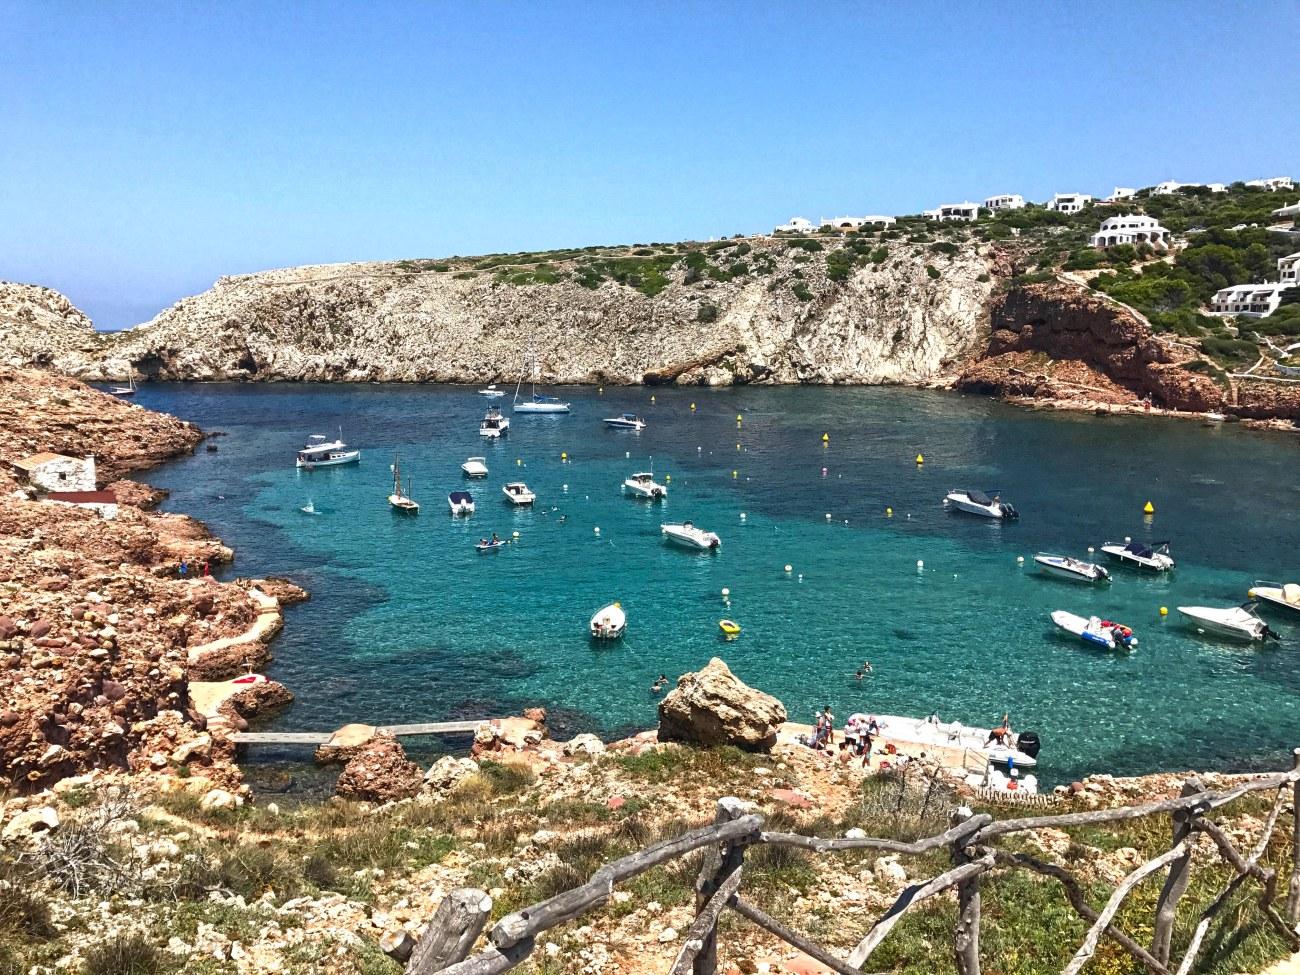 Cala Morell beach